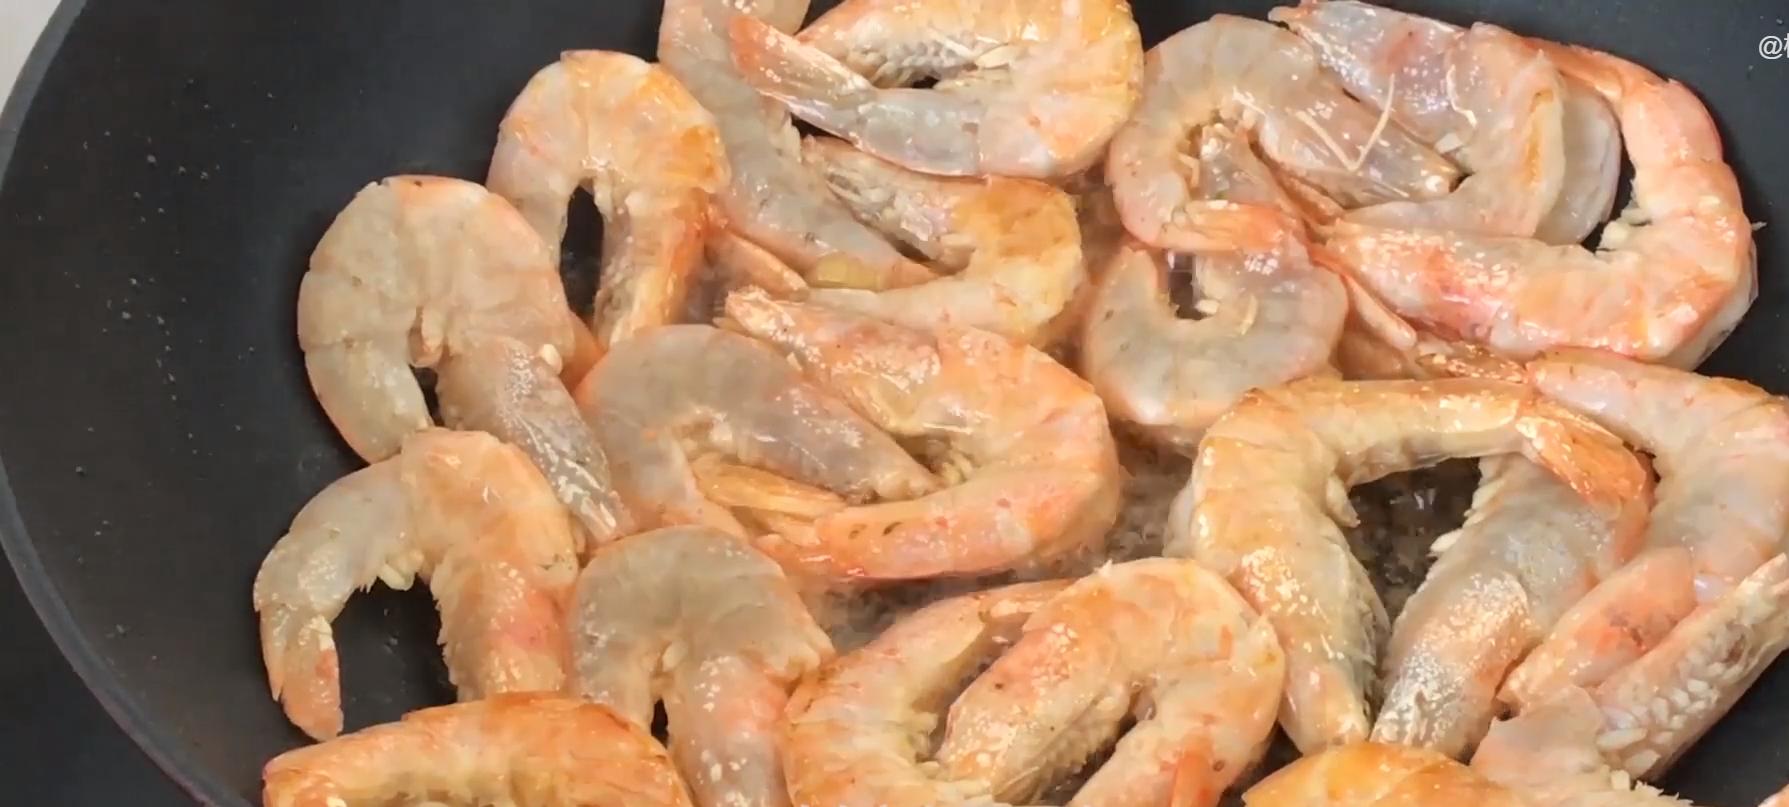 做大虾时,不要直接用水煮,教你正确做法,虾肉鲜嫩入味超好吃 美食做法 第9张